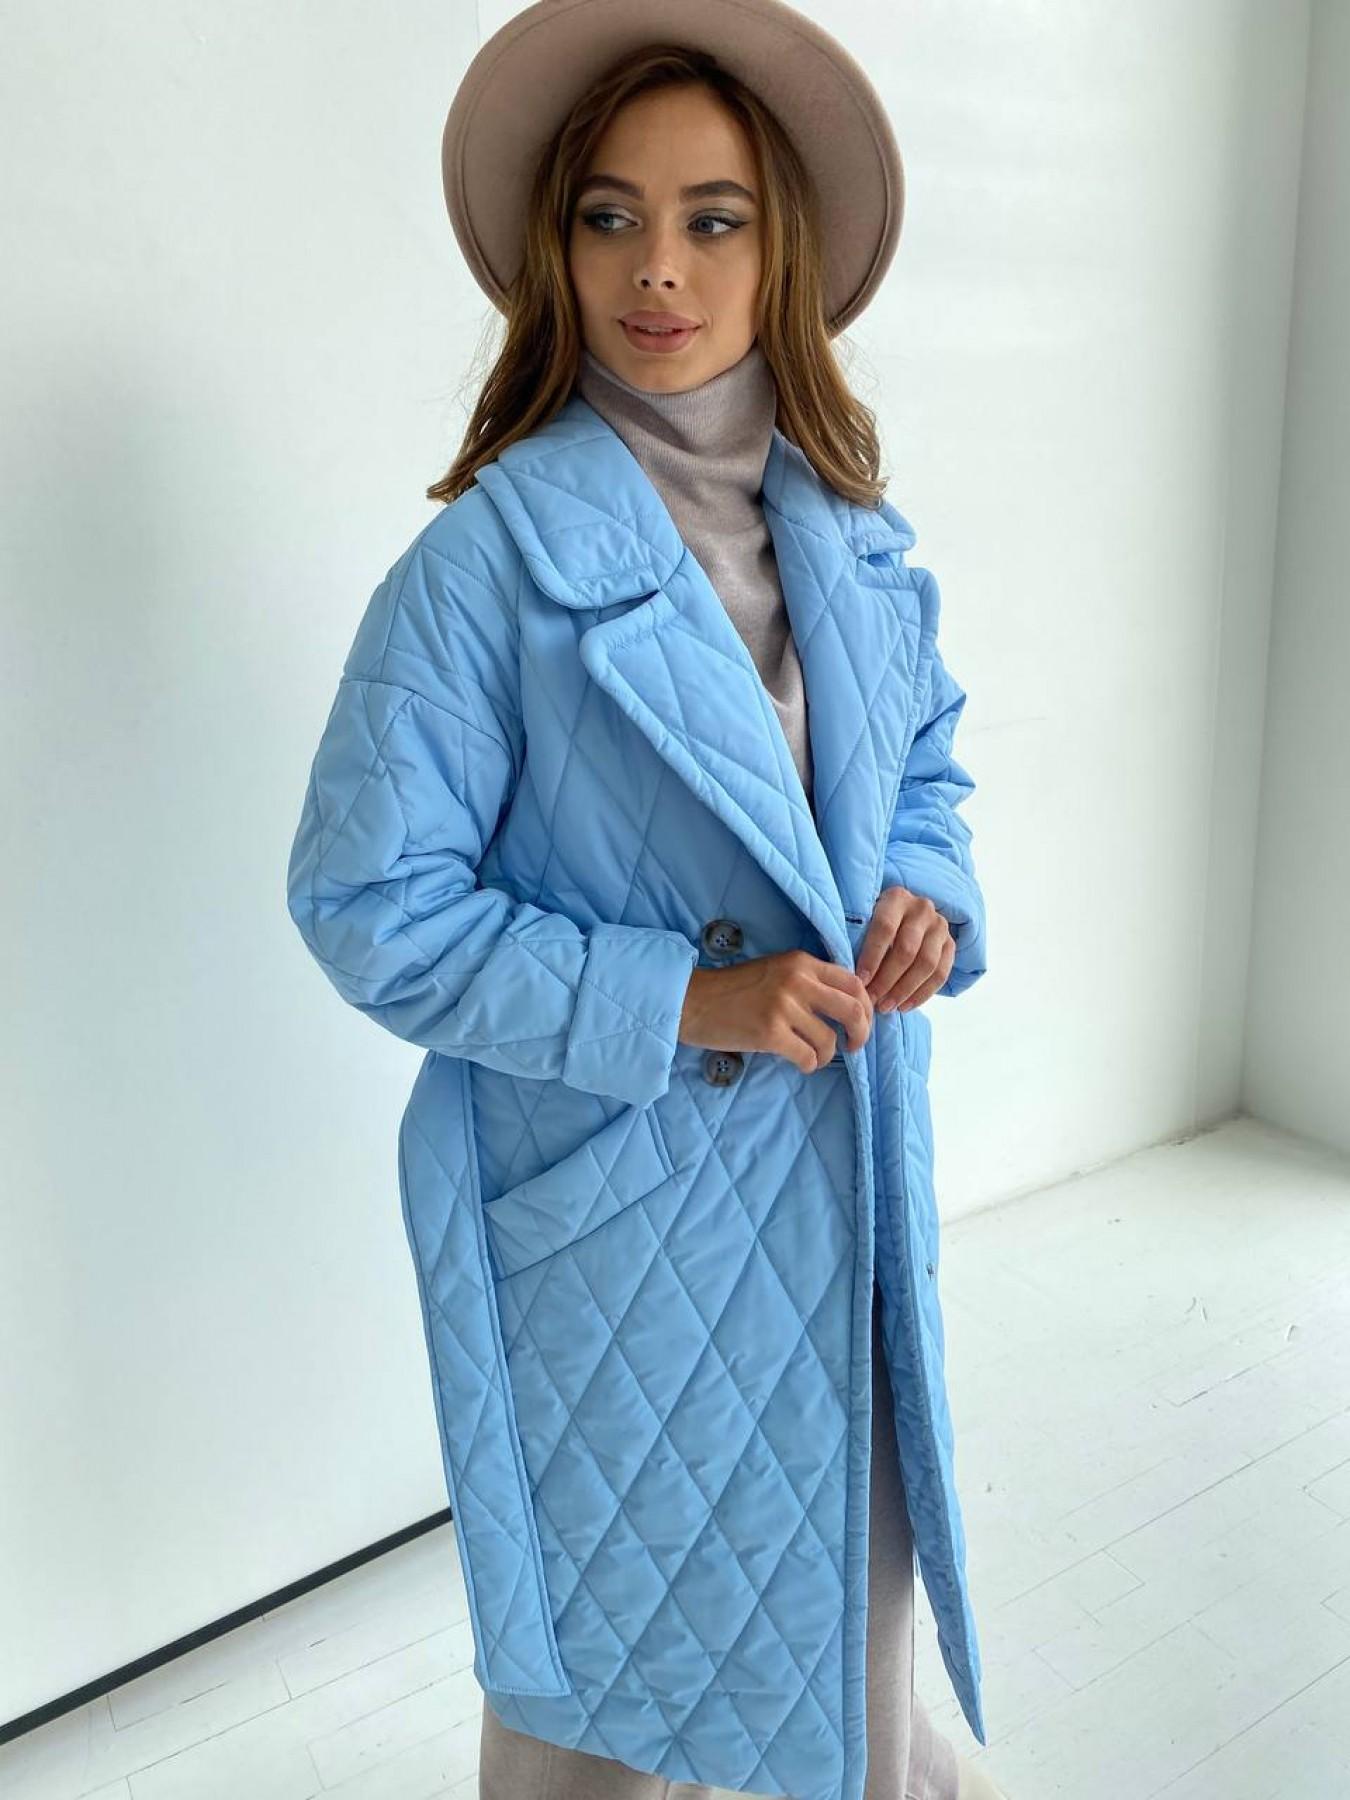 Хаски пальто из стеганой плащевки в ромб 11697 АРТ. 48491 Цвет: Голубой - фото 6, интернет магазин tm-modus.ru